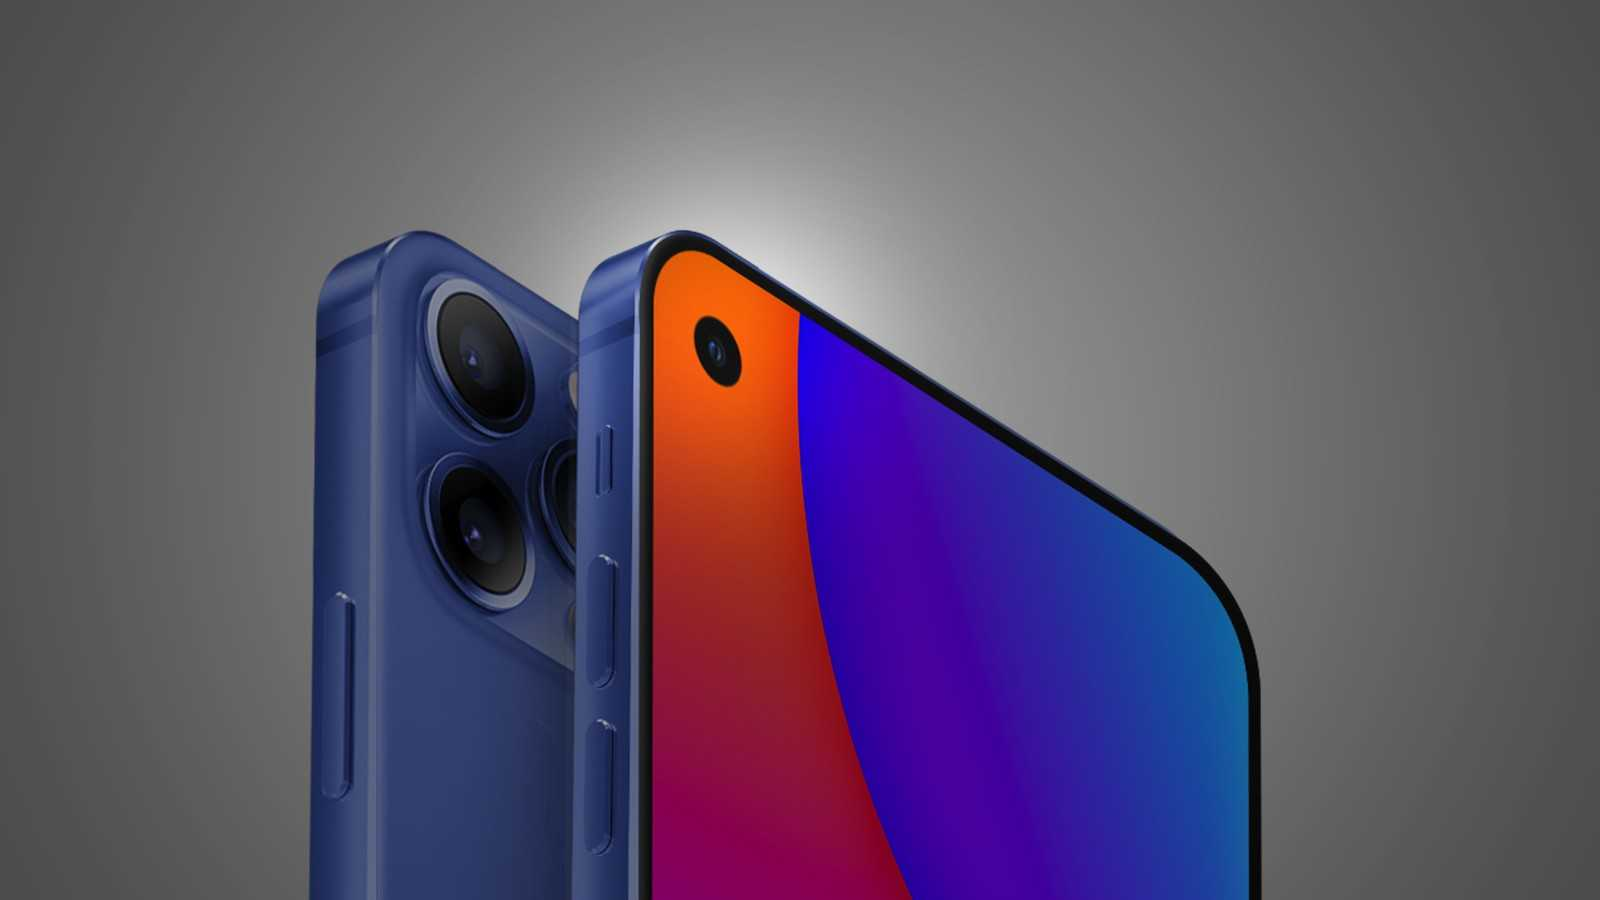 新款Iphone SE将采用打孔屏设计